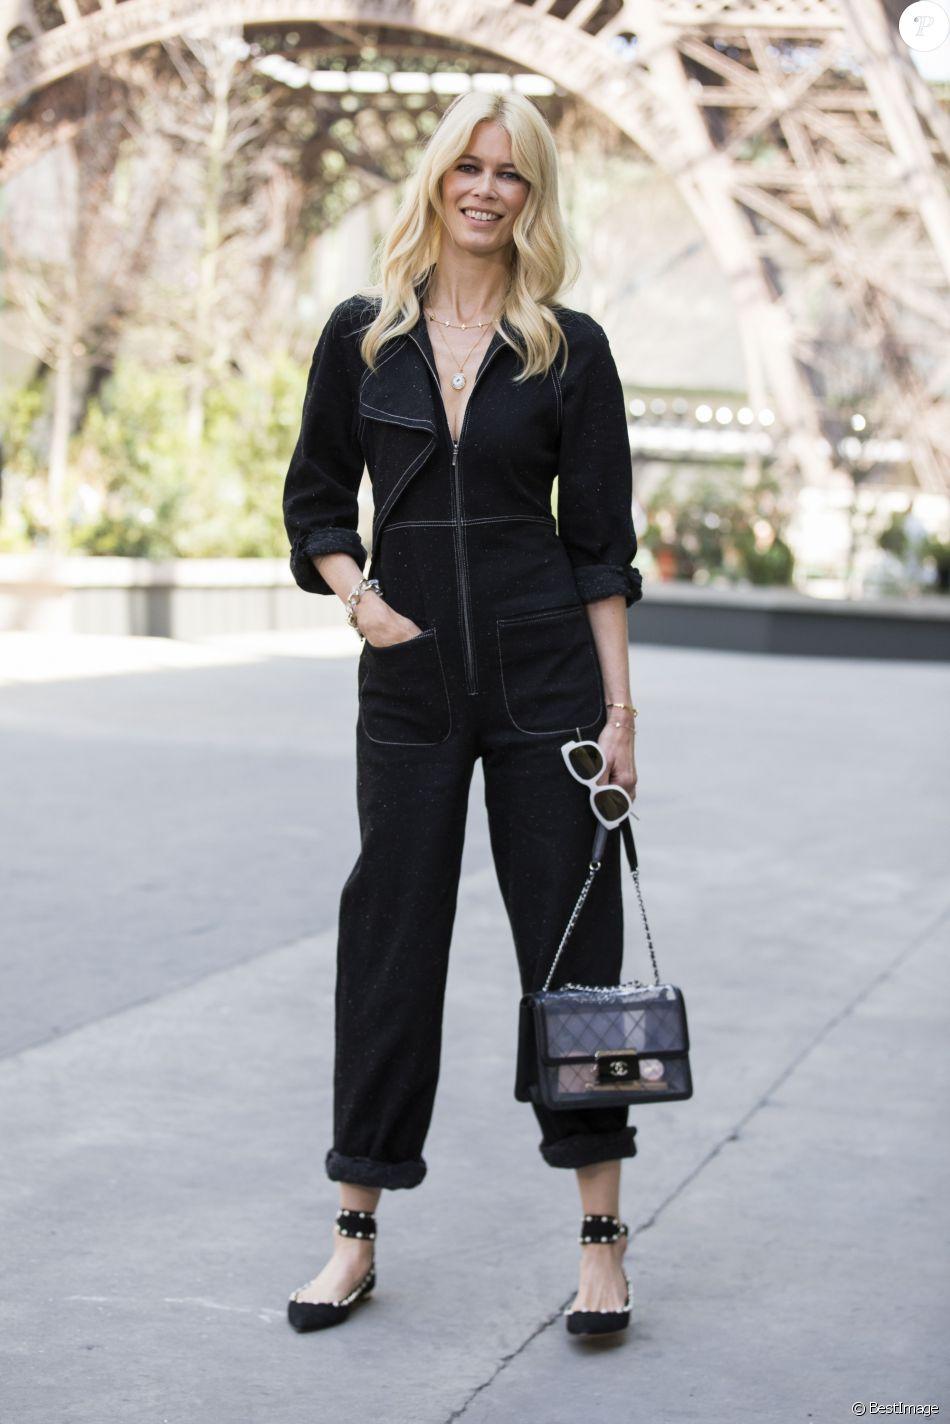 Schiffer mode Couture de Claudia assiste automne défilé Haute au 4qxSxT